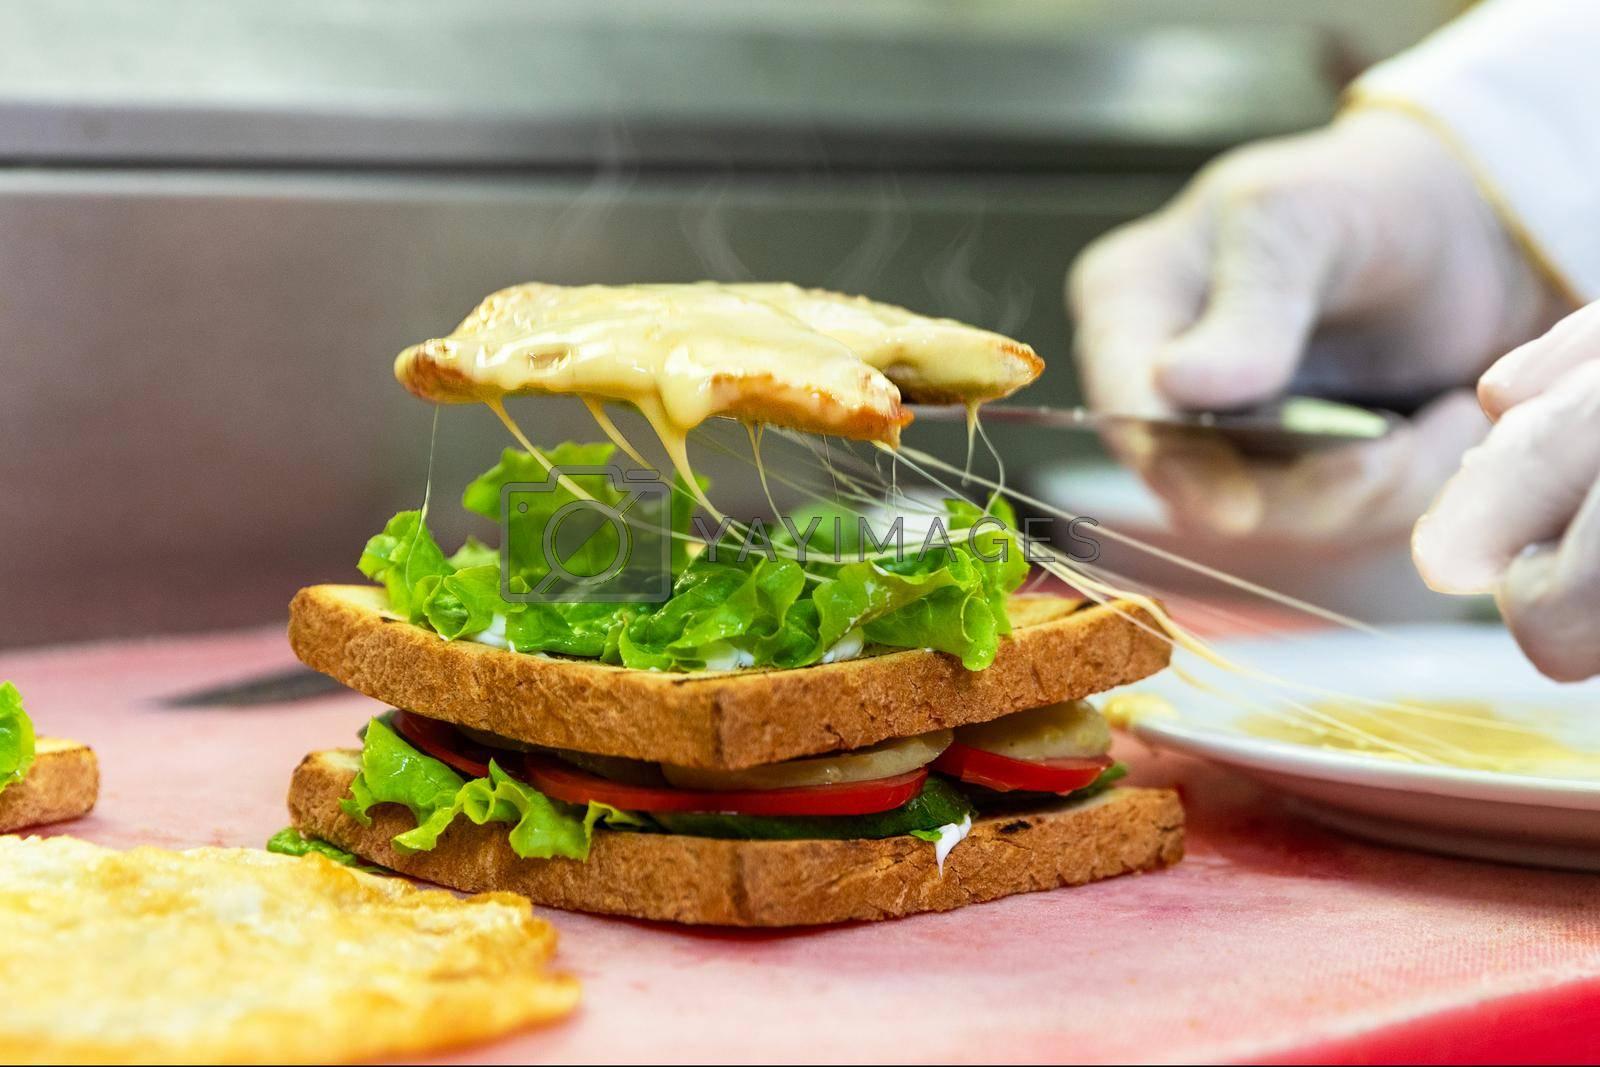 Chef in restaurant kitchen making cheesy club sandwich